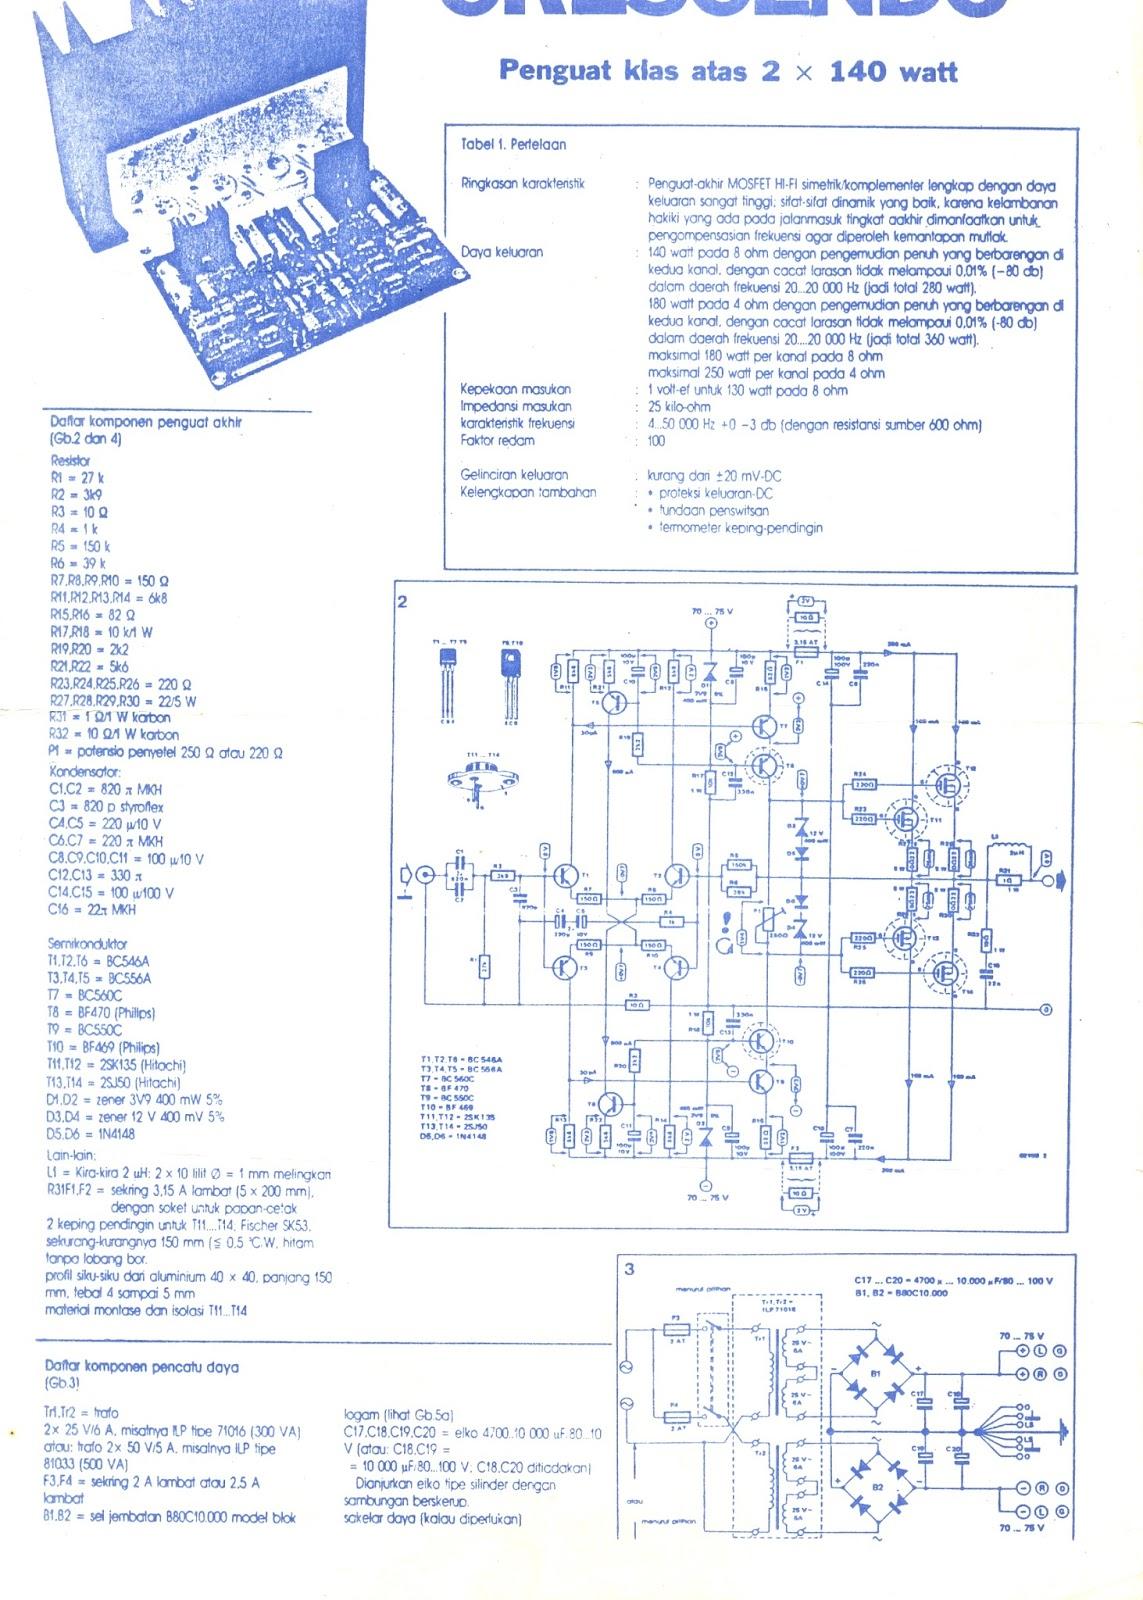 Unique Skema Cx3400 Vignette - Electrical Diagram Ideas - itseo.info